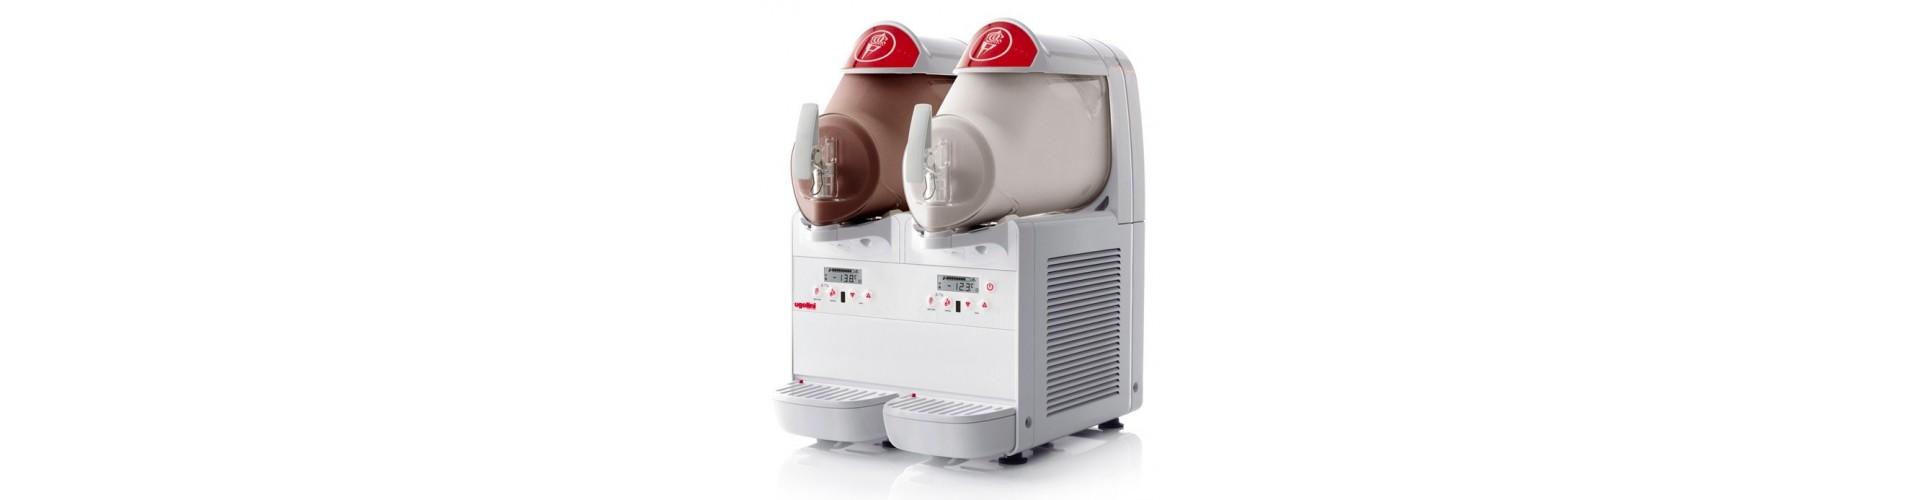 Šerbeto, ledų gamybos aparatai